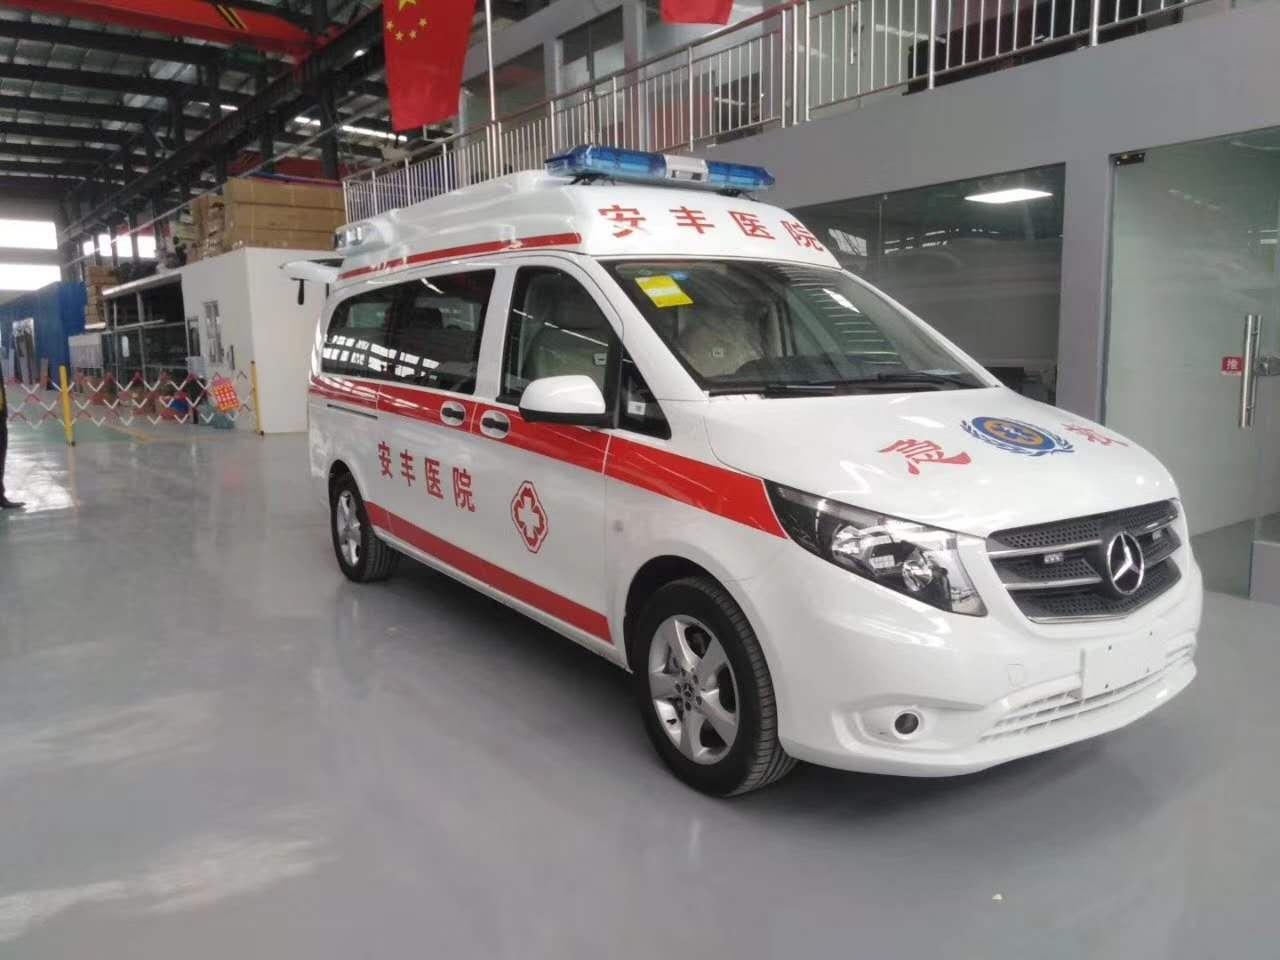 ?奔馳救護車/奔馳救護車現車/負壓奔馳救護車暢銷